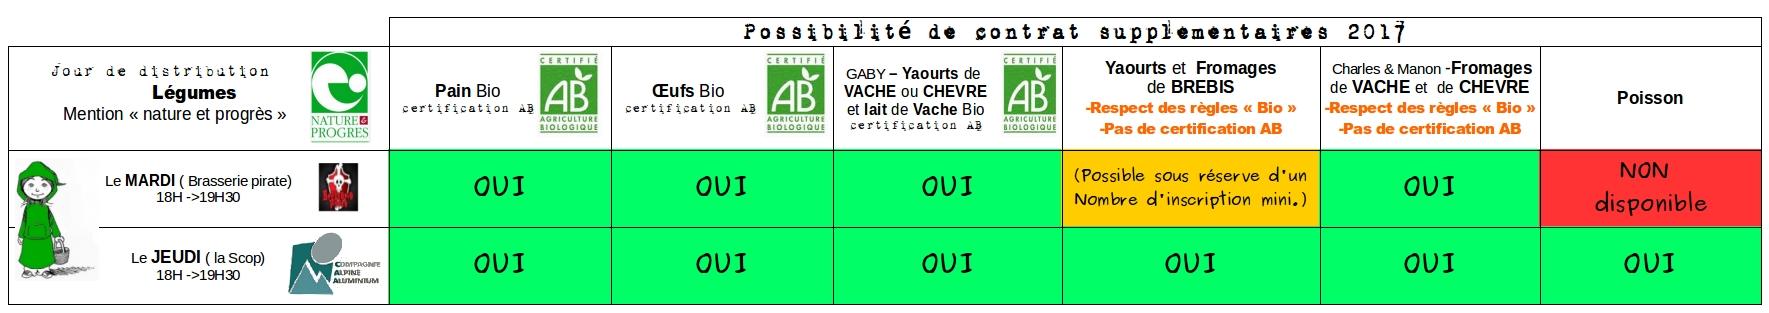 Tableau des producteurs disponibles par lieu de distribution